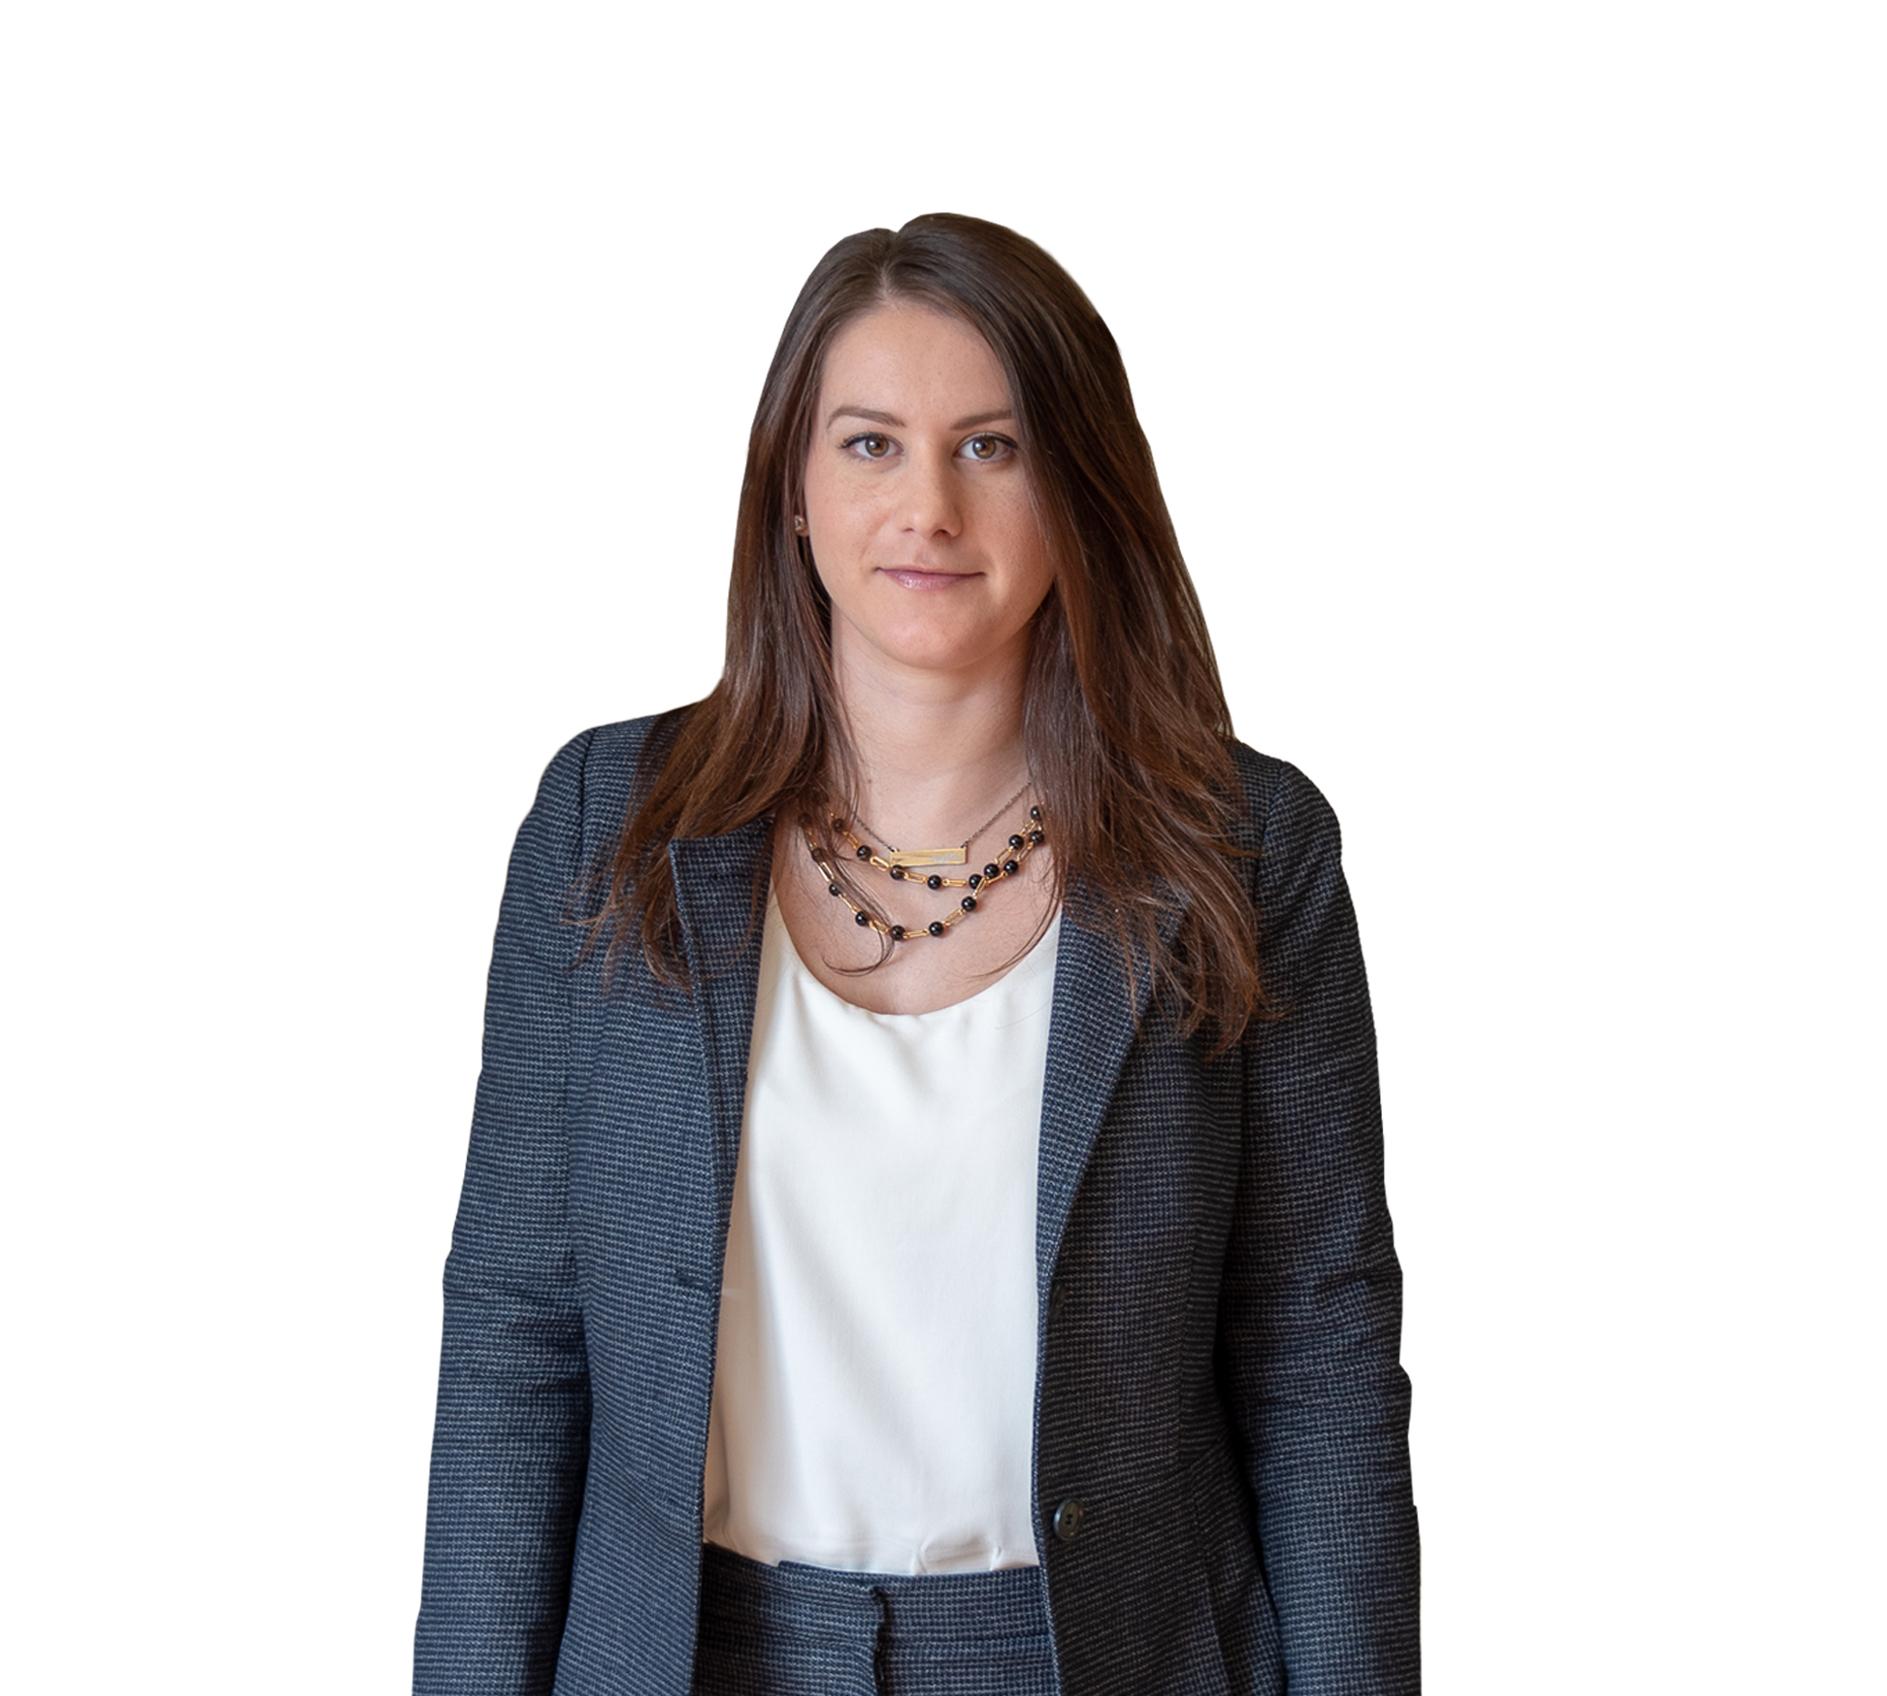 Dana DiMatteo